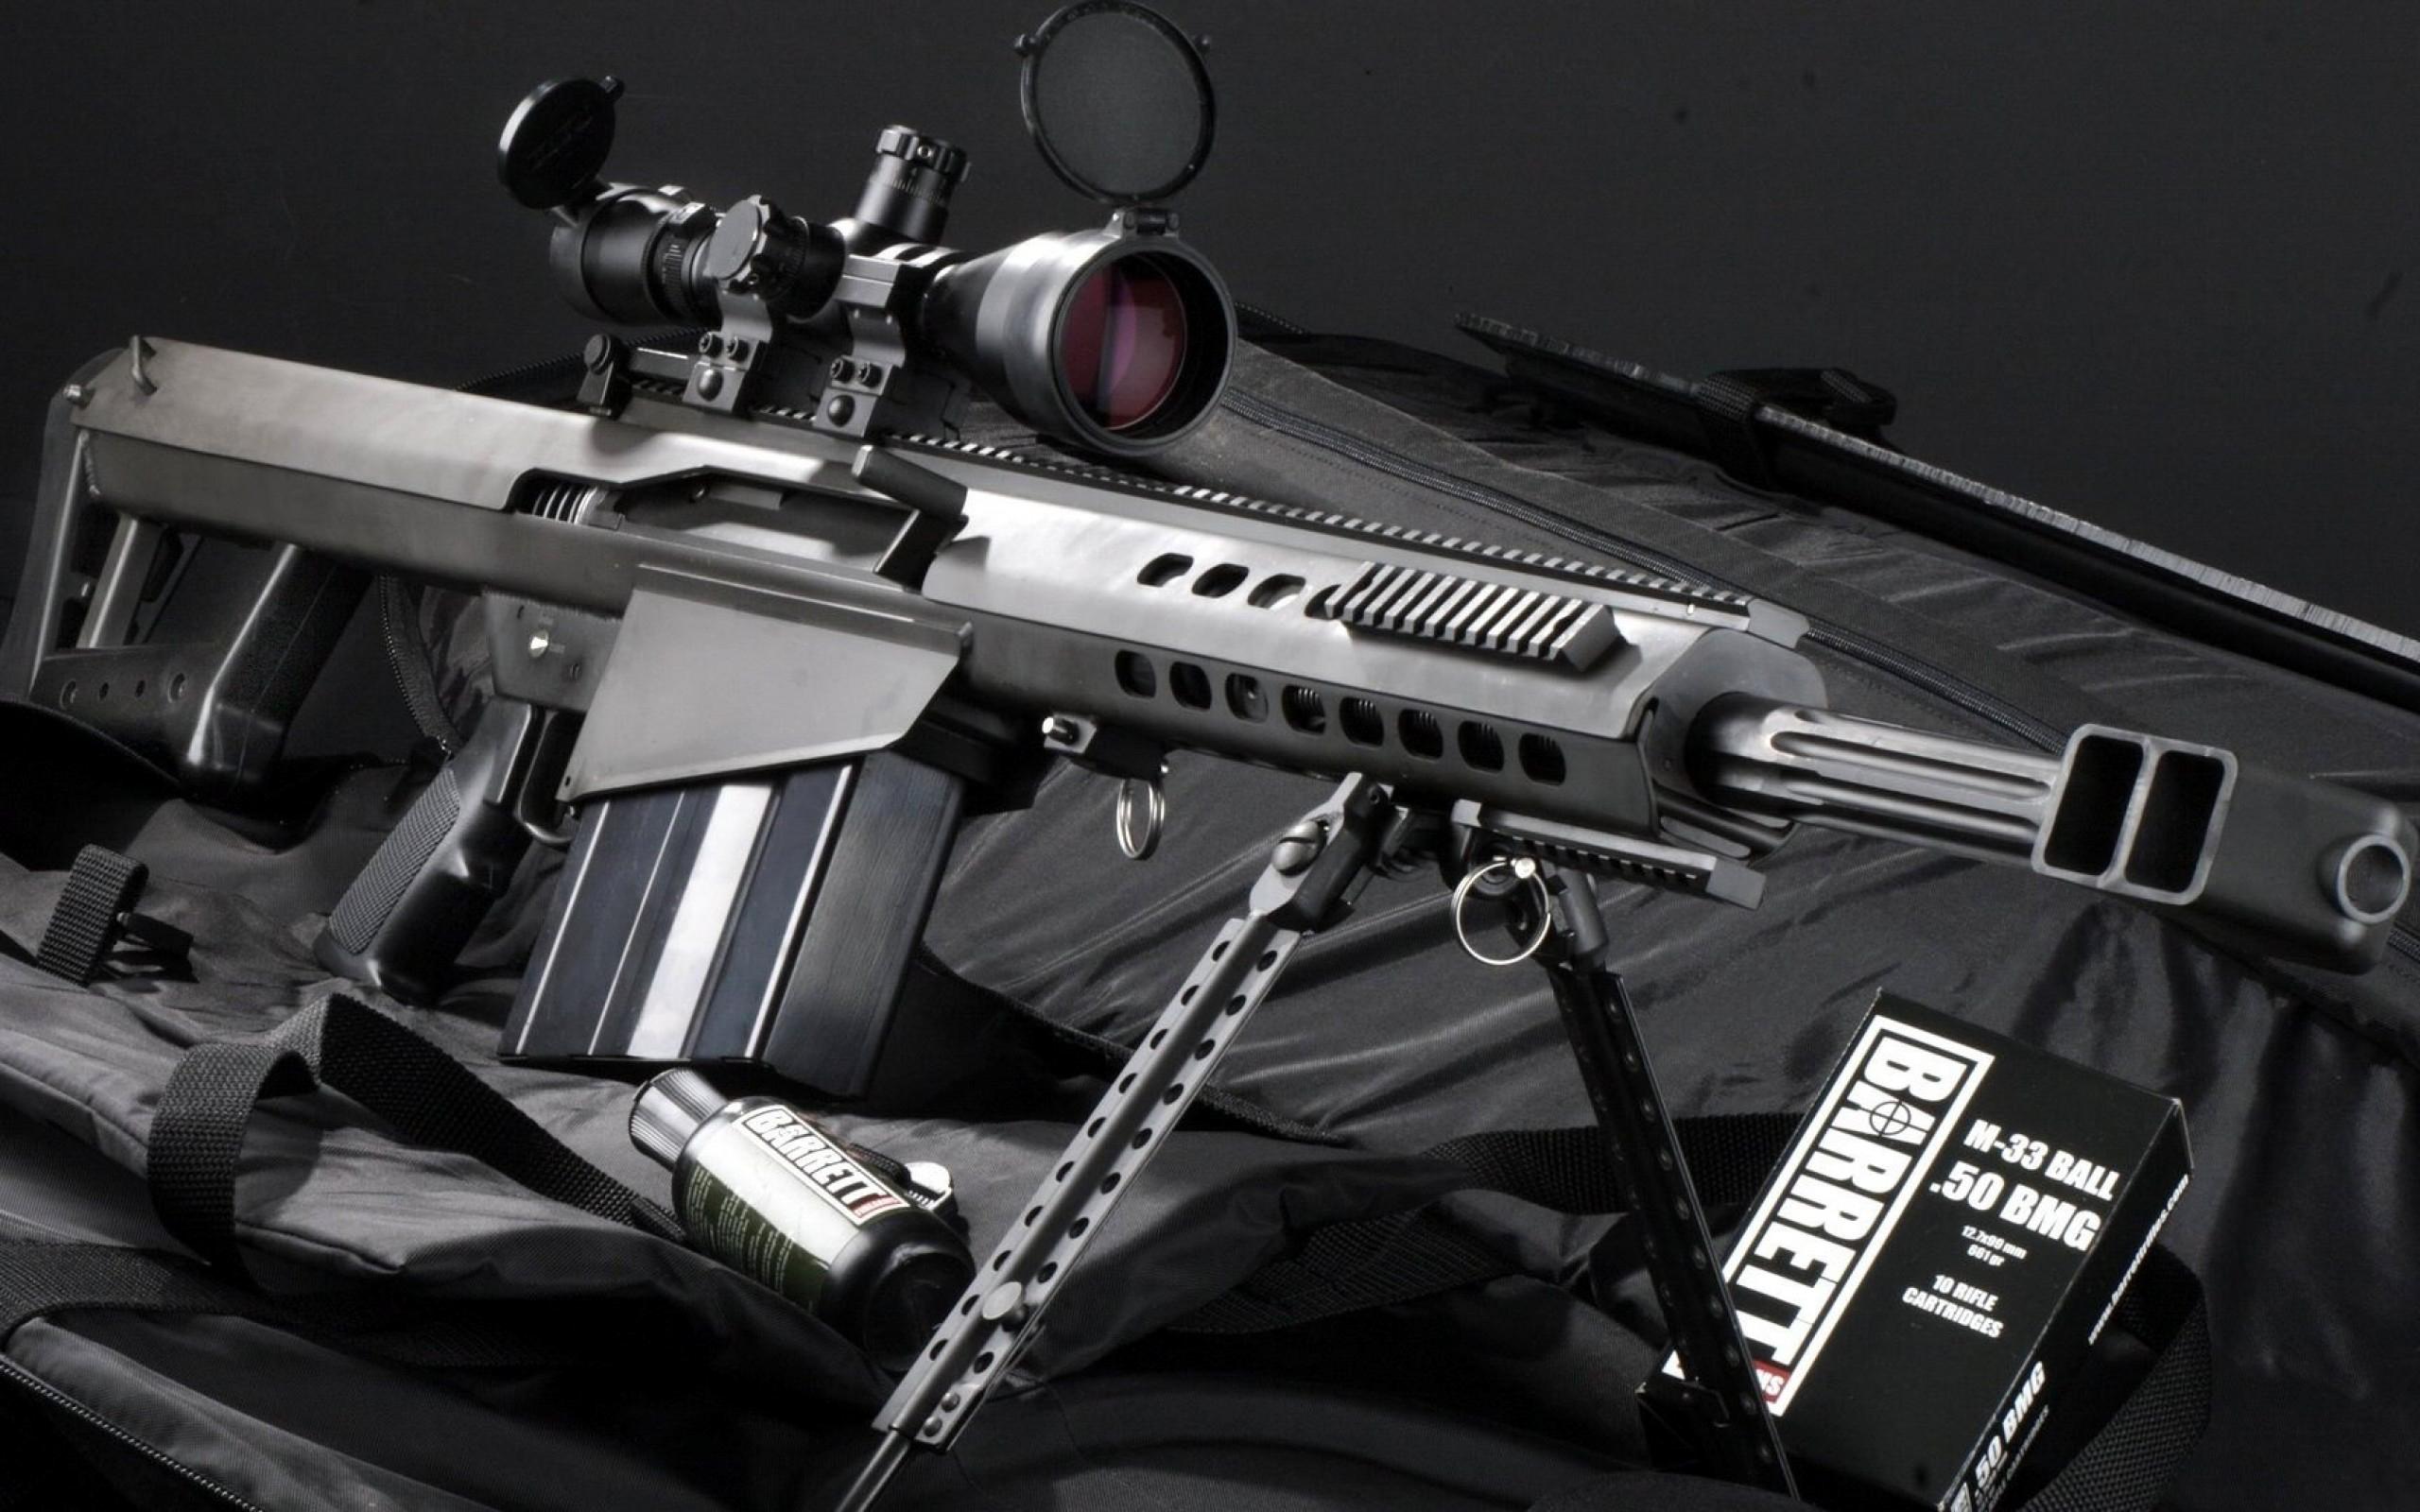 крупнокалиберное оружие